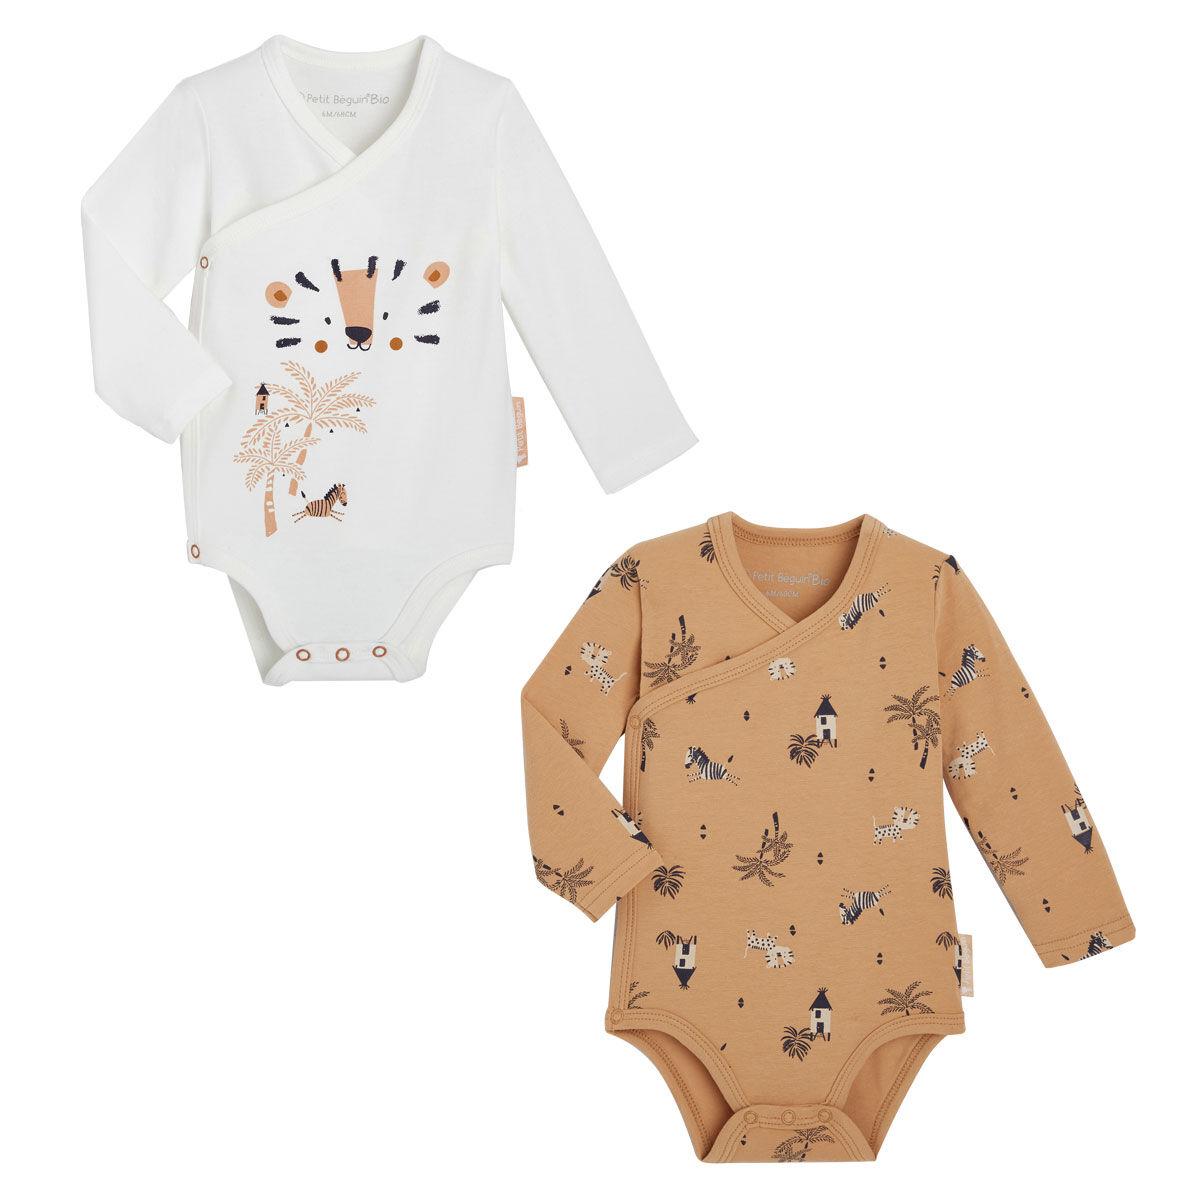 Petit Béguin Lot de 2 bodies bébé garçon croisés manches longues contenant du coton bio Safari Jungle - Taille - 6 mois